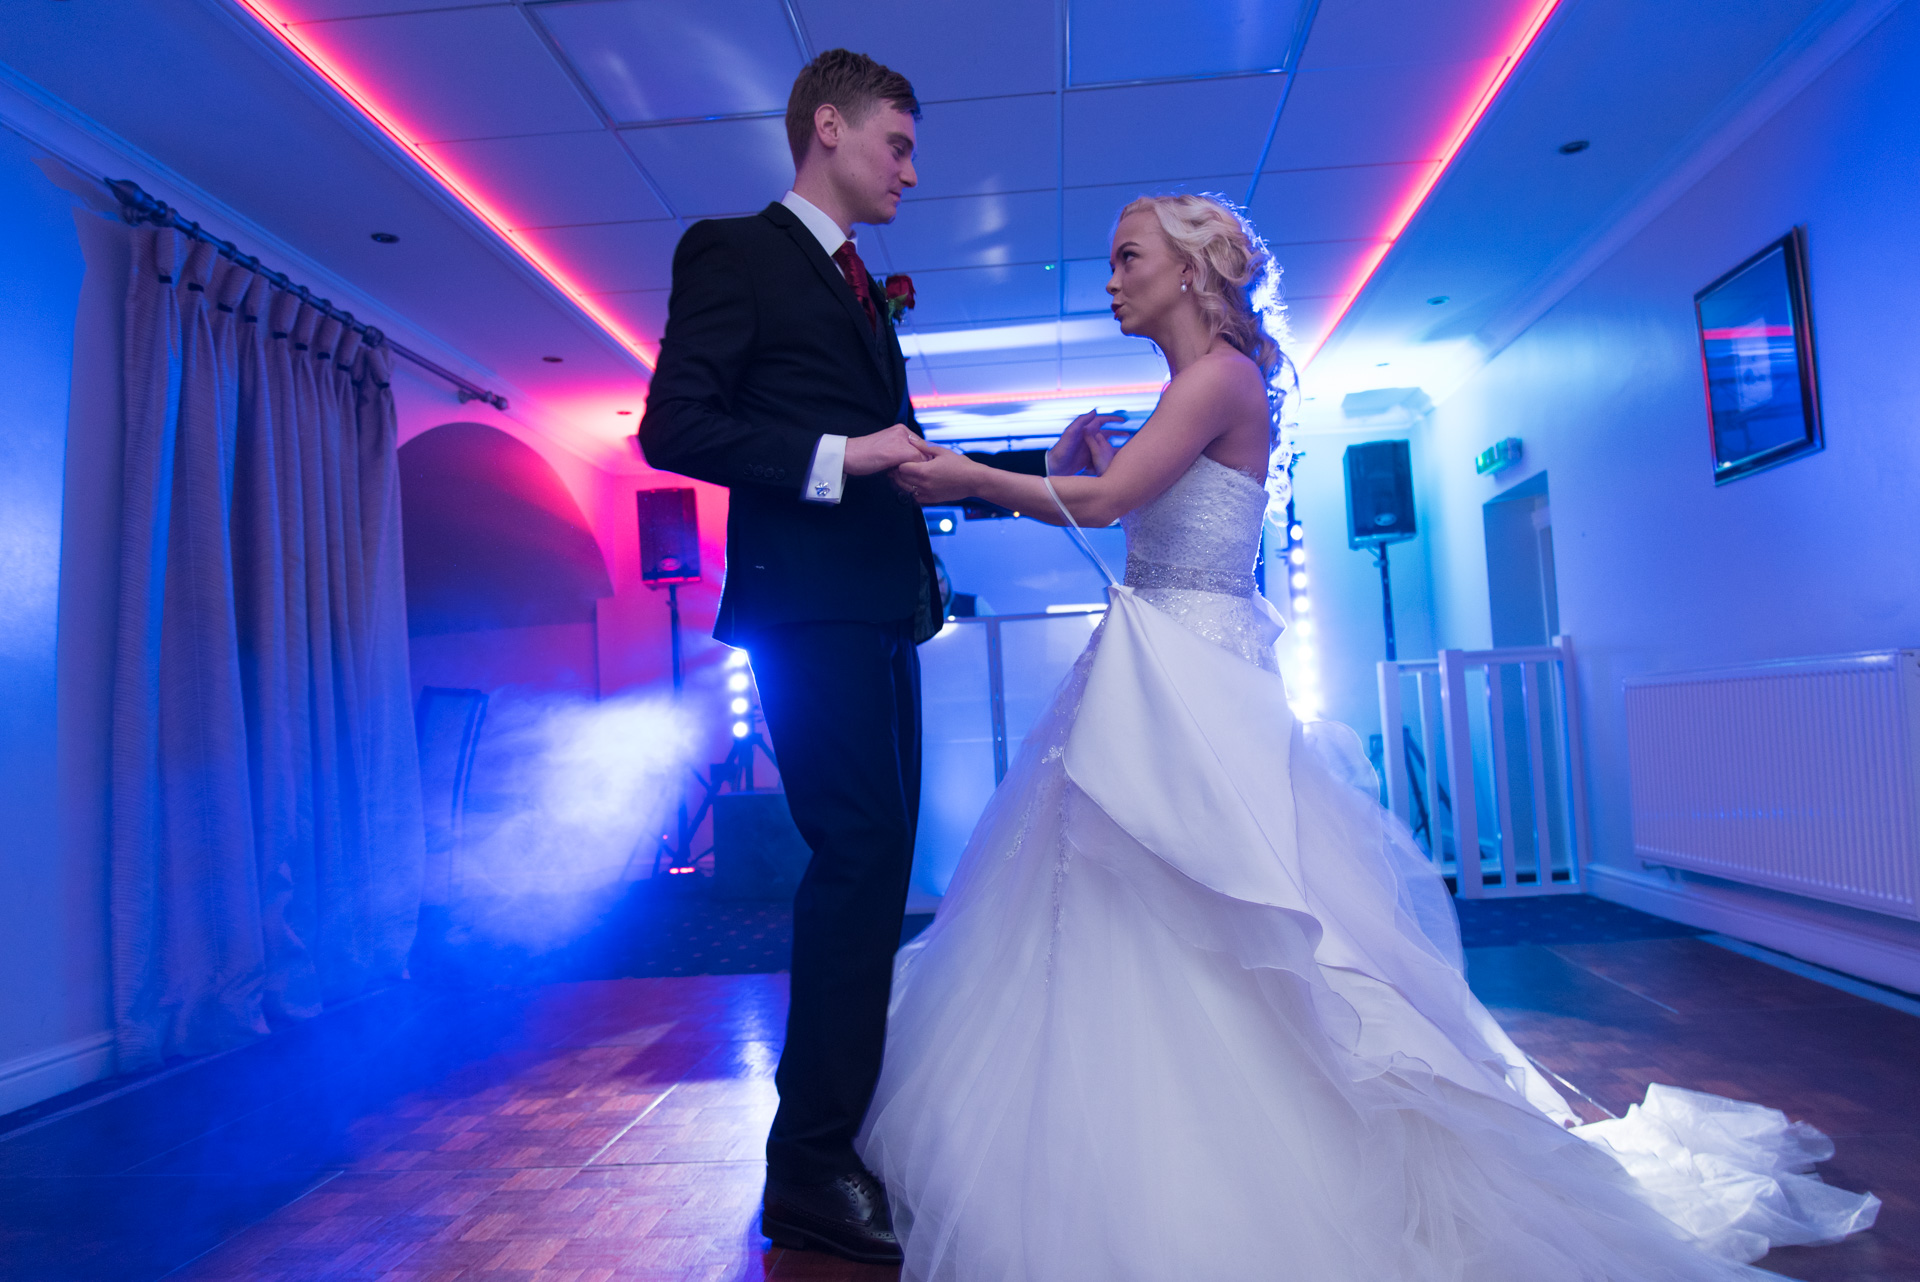 Ceilidh dancing at a wedding near Perth 5